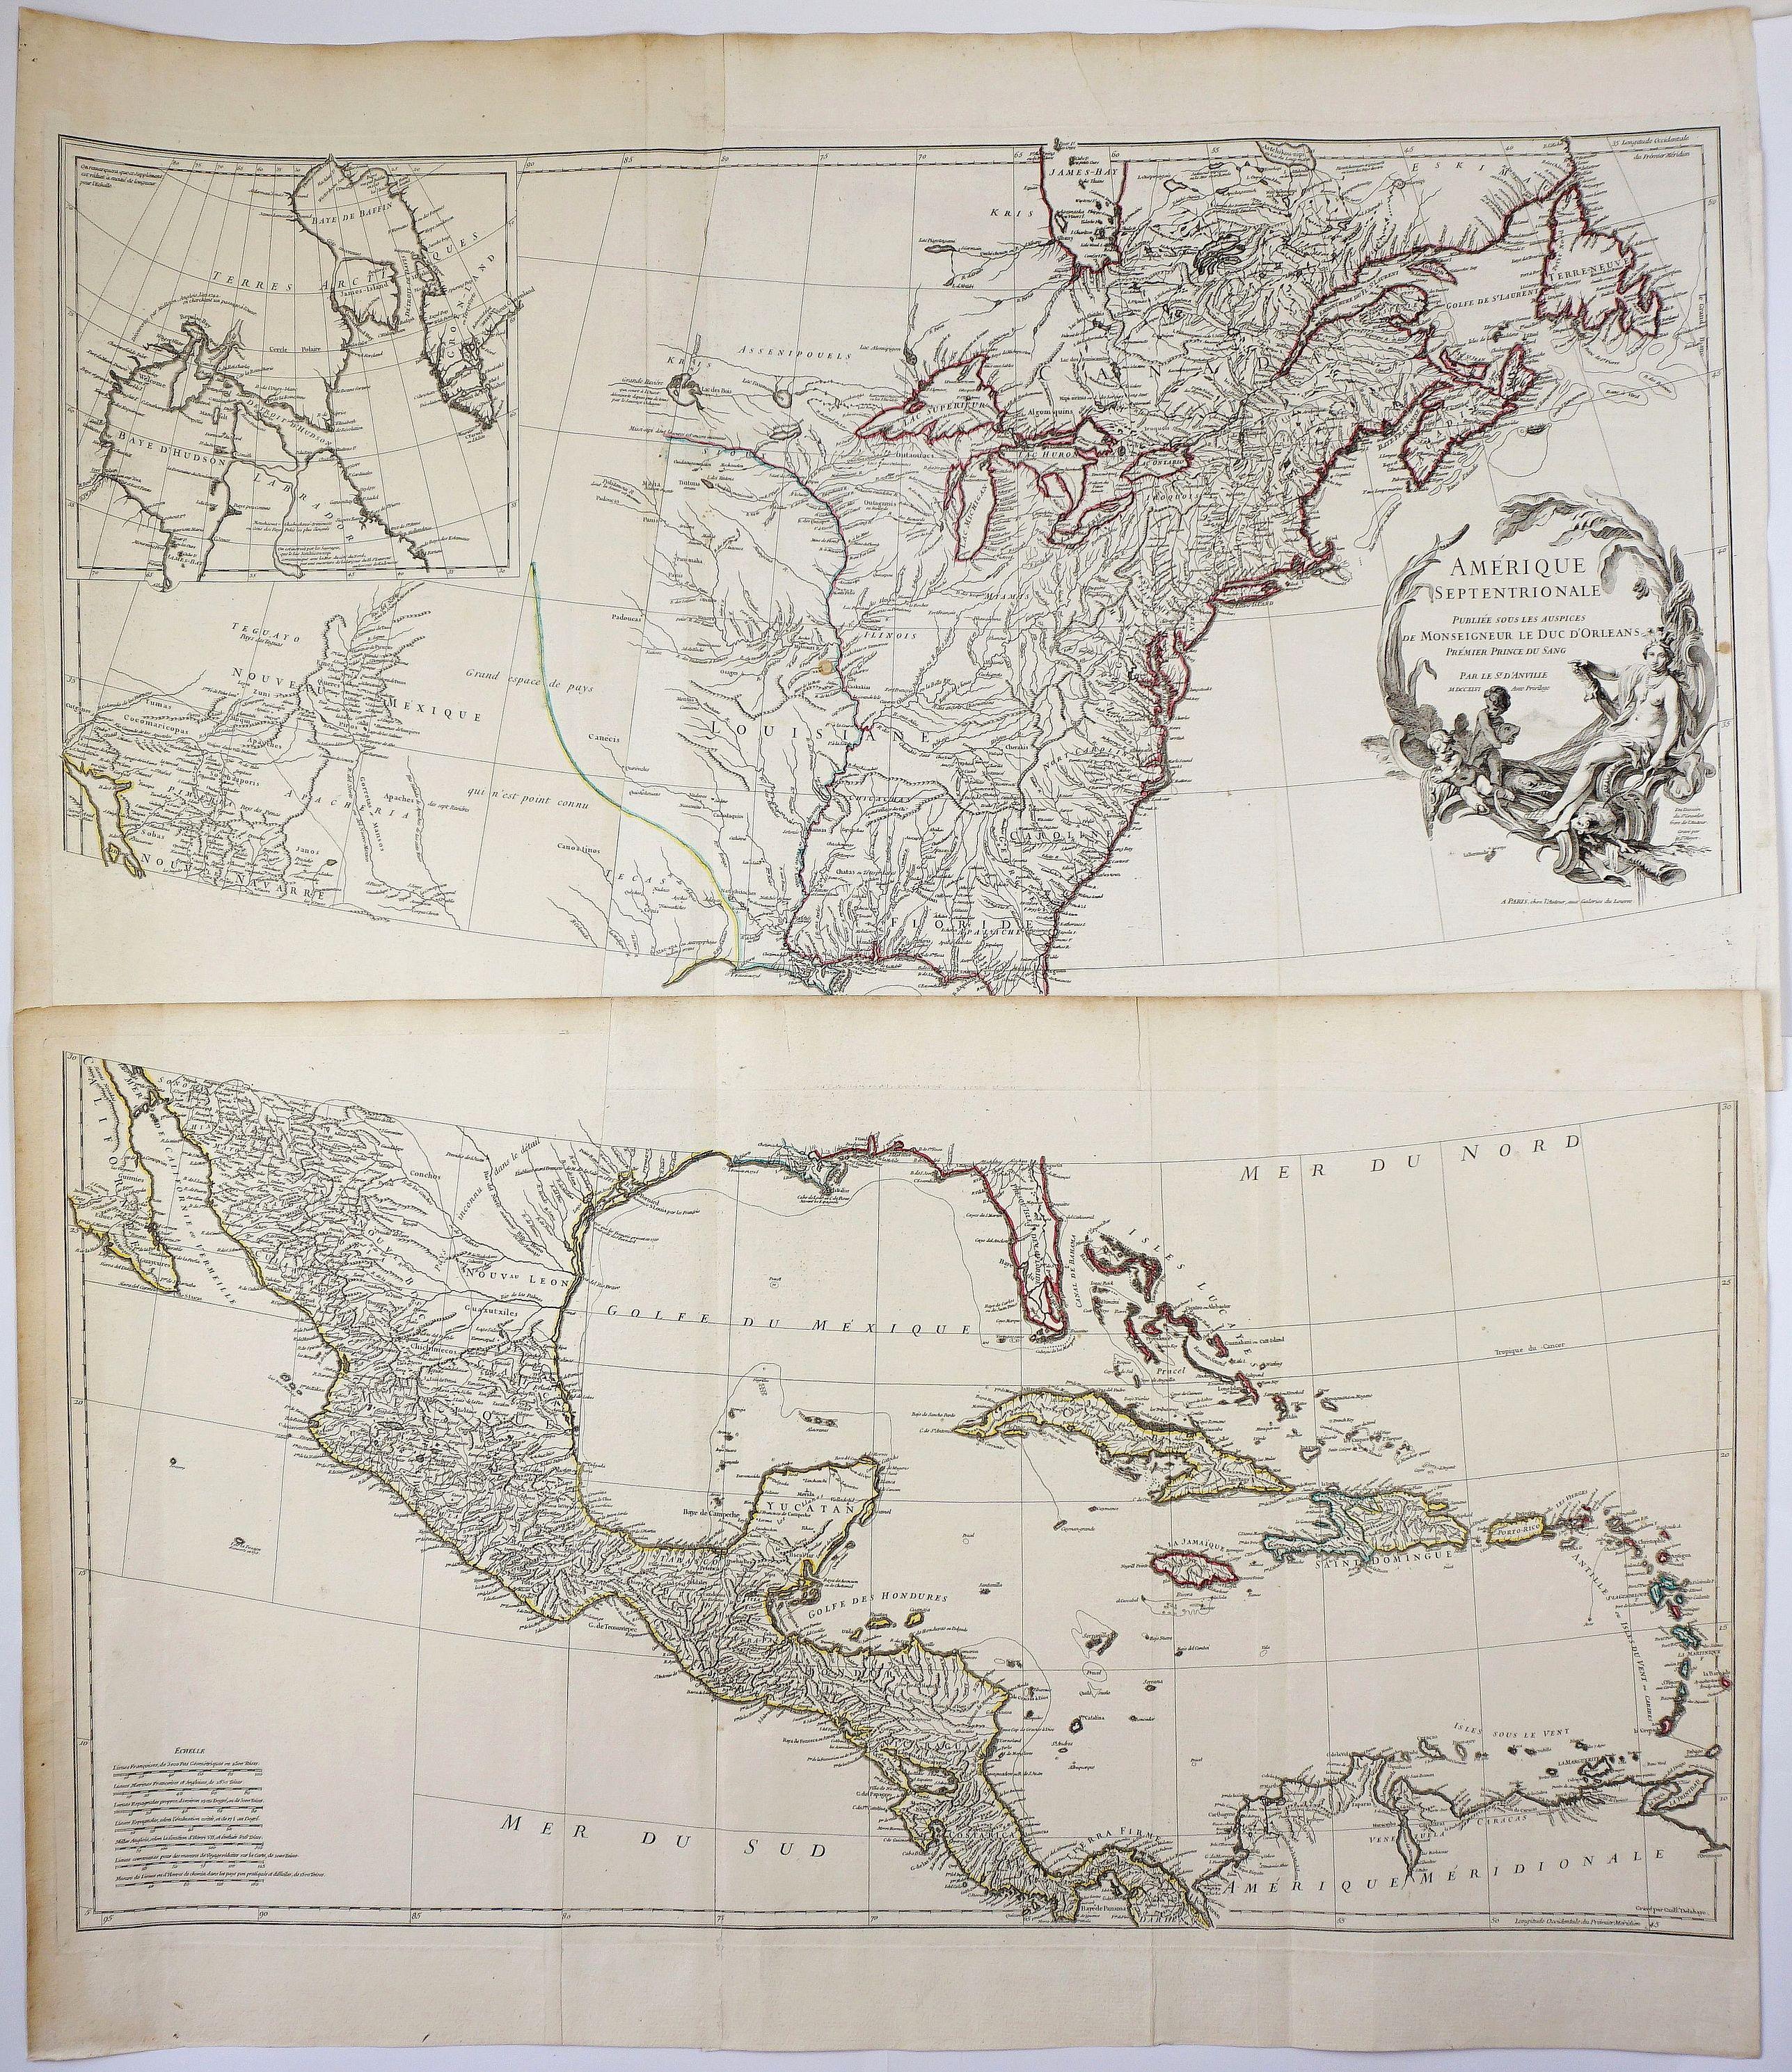 D'ANVILLE, J.B.D'. - Amerique Septentrionale Publiee sous les Auspices de Monseigneur le Duc d'Orleans Premier Prince du Sang. . .